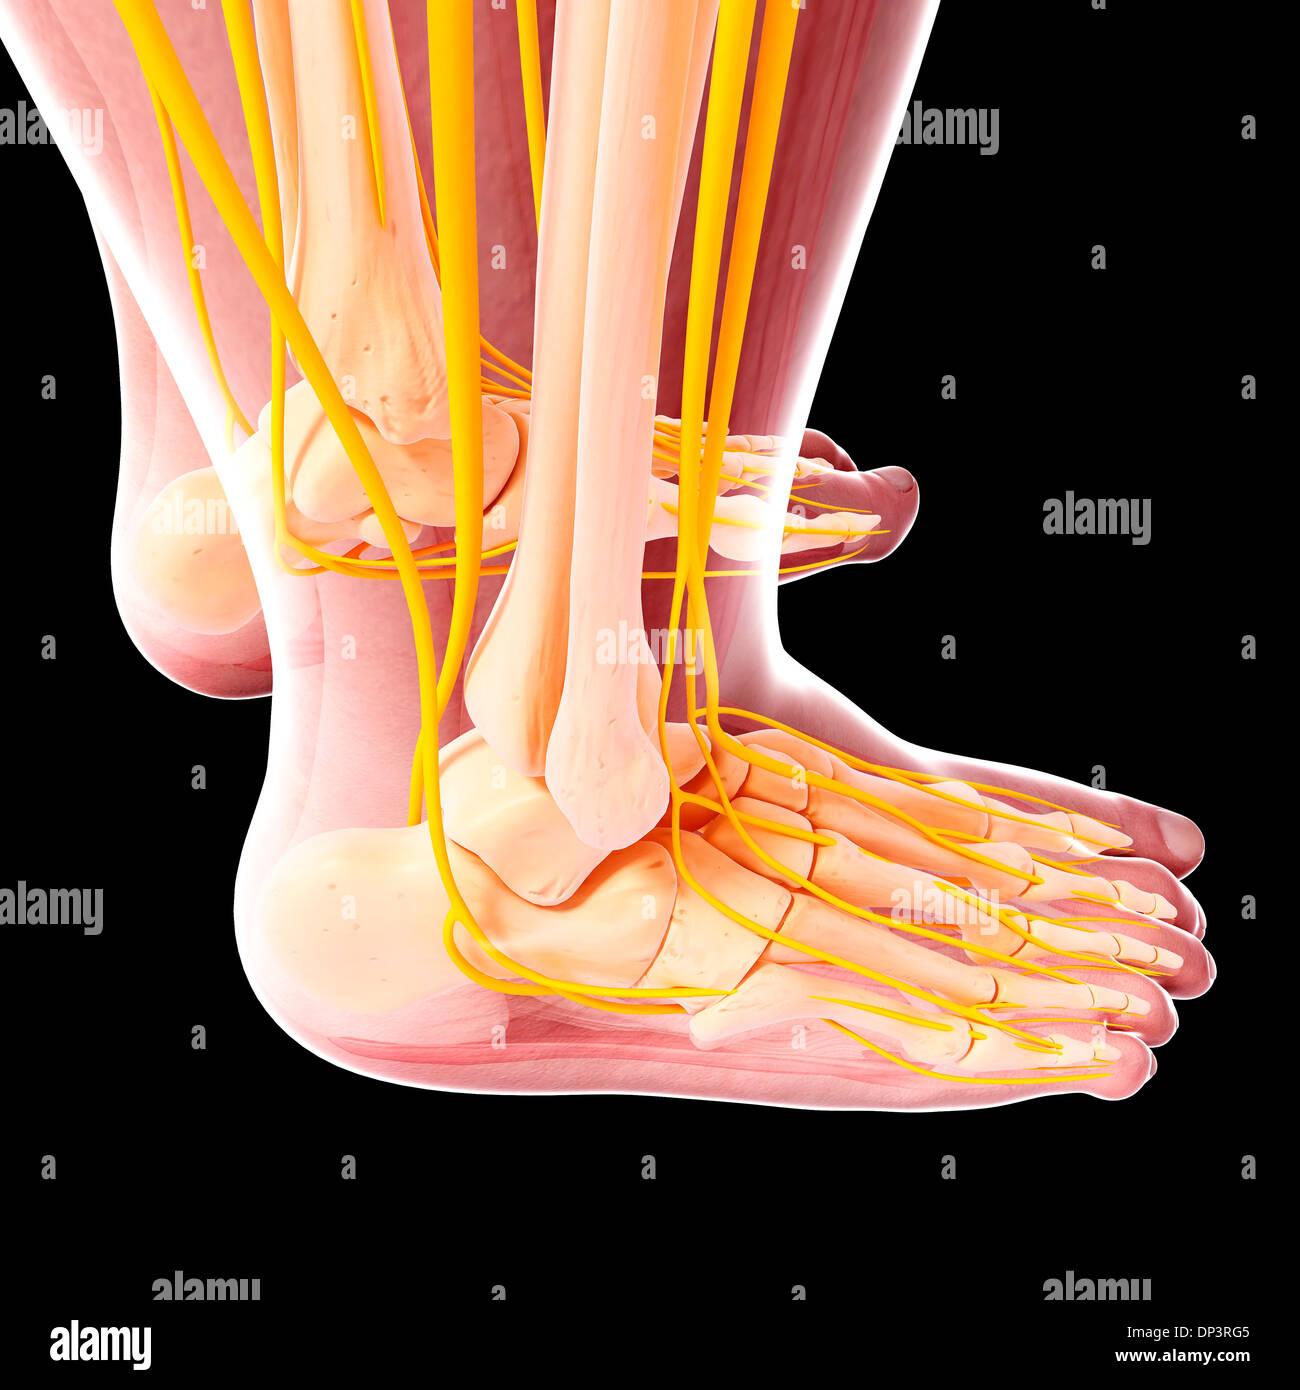 Nervensystem des menschlichen Fußes, artwork Stockfoto, Bild ...